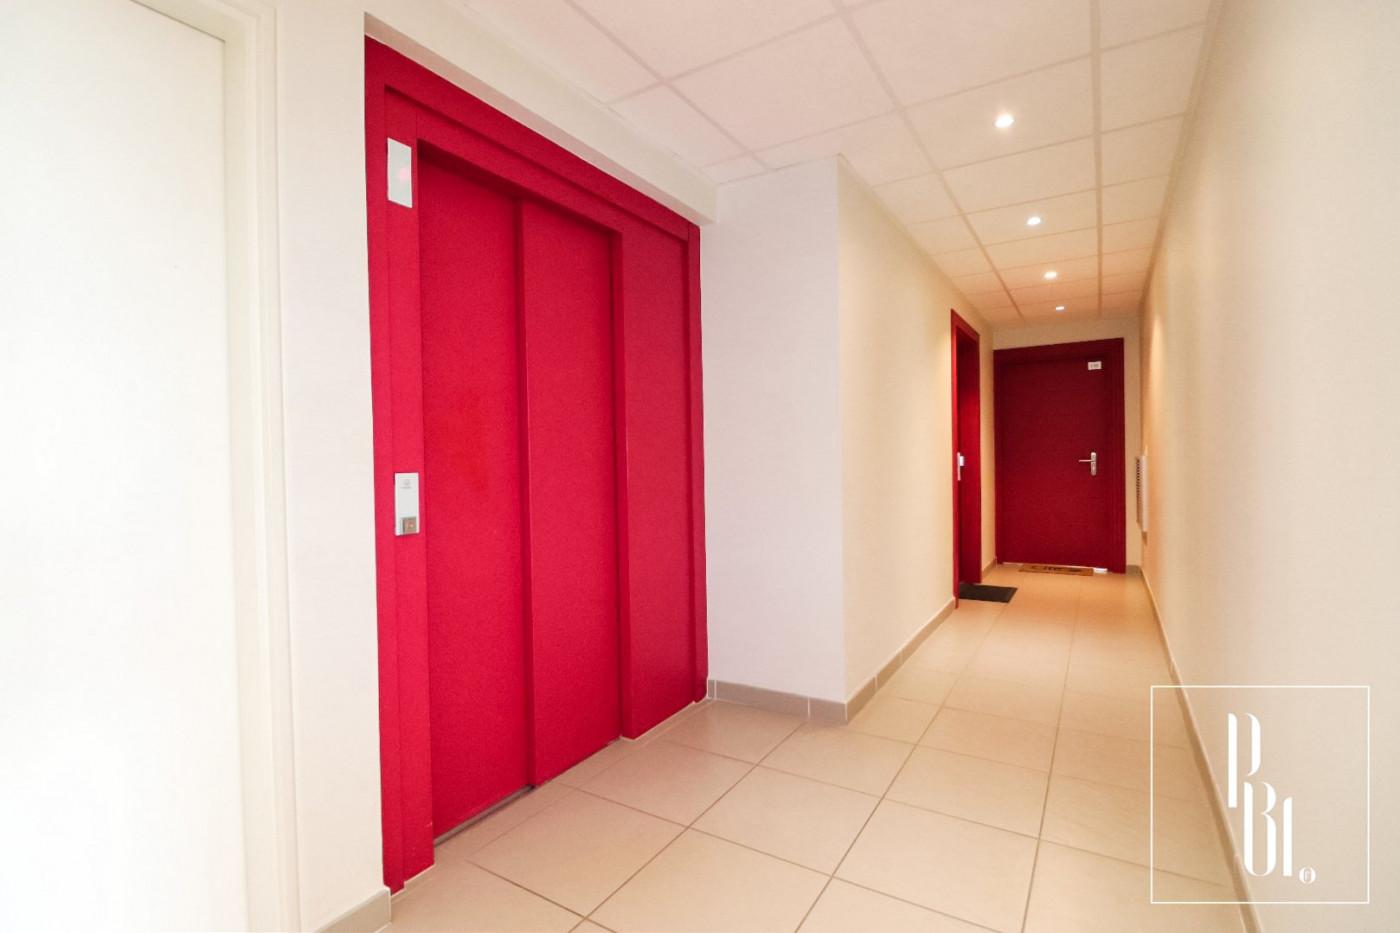 A vendre  Montpellier | Réf 345051020 - Pierre blanche immobilier